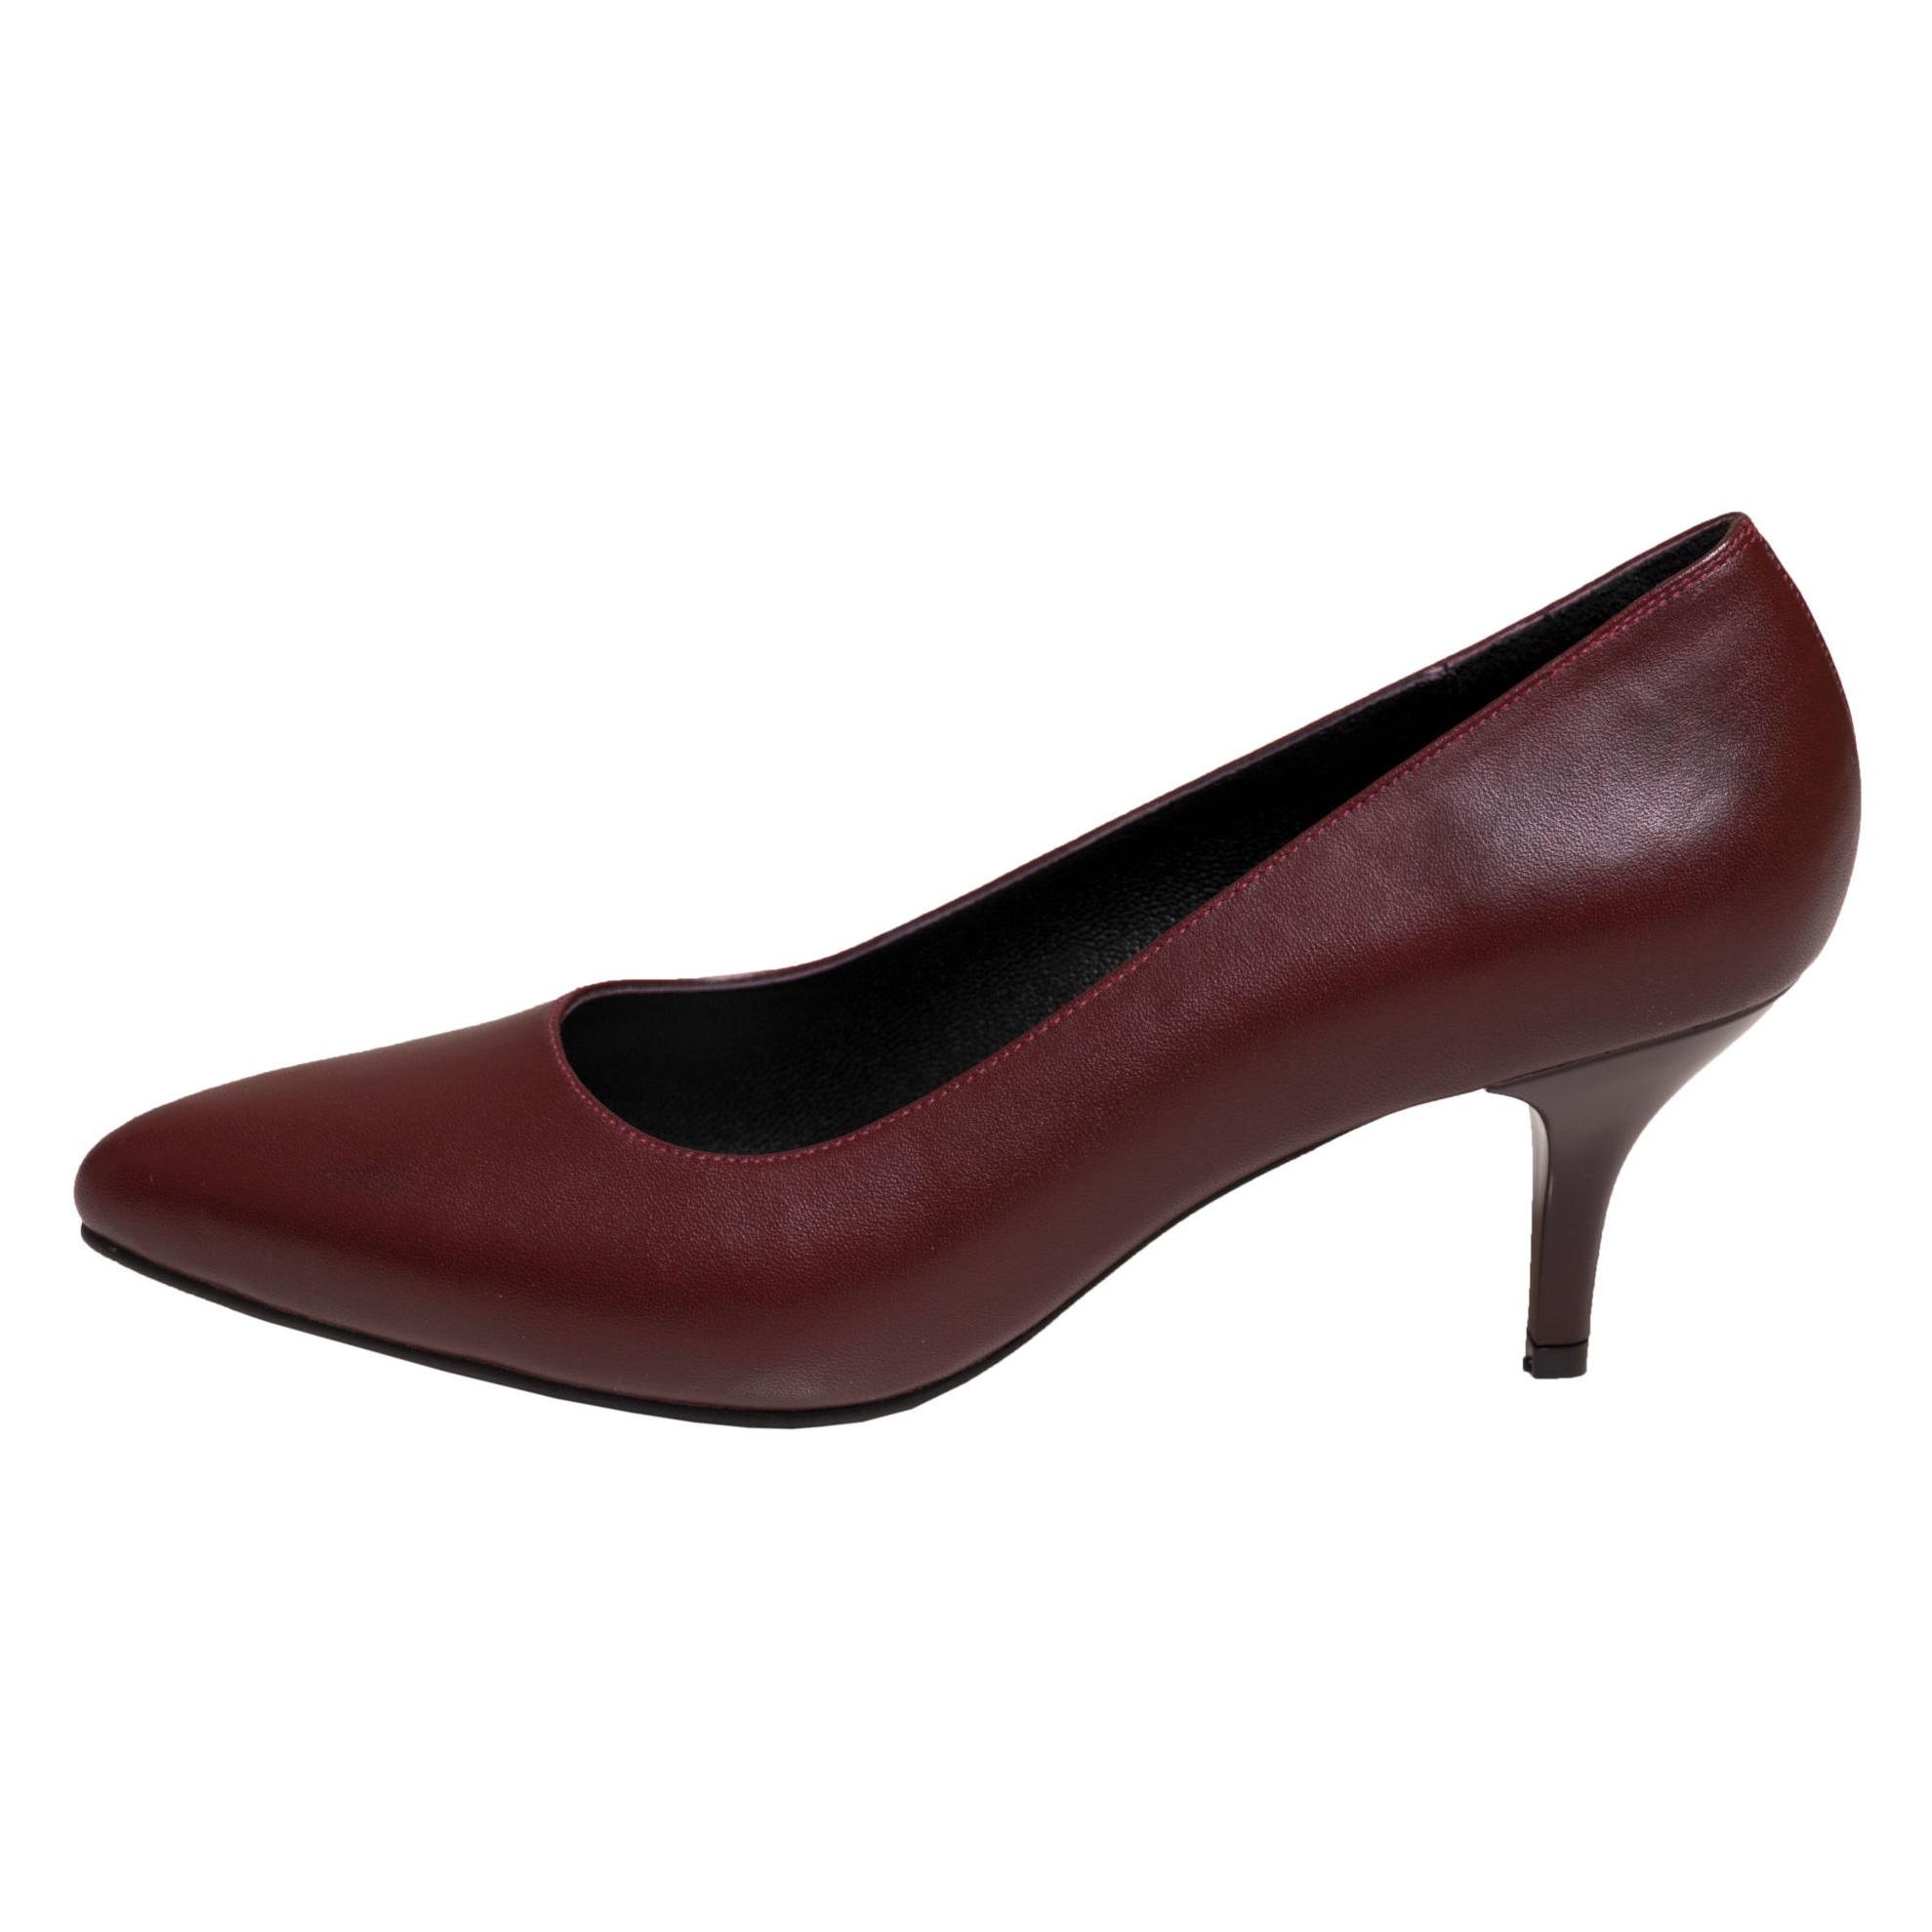 کفش پاشنه دار زنانه سی سی مدل سوفیا رنگ زرشکی